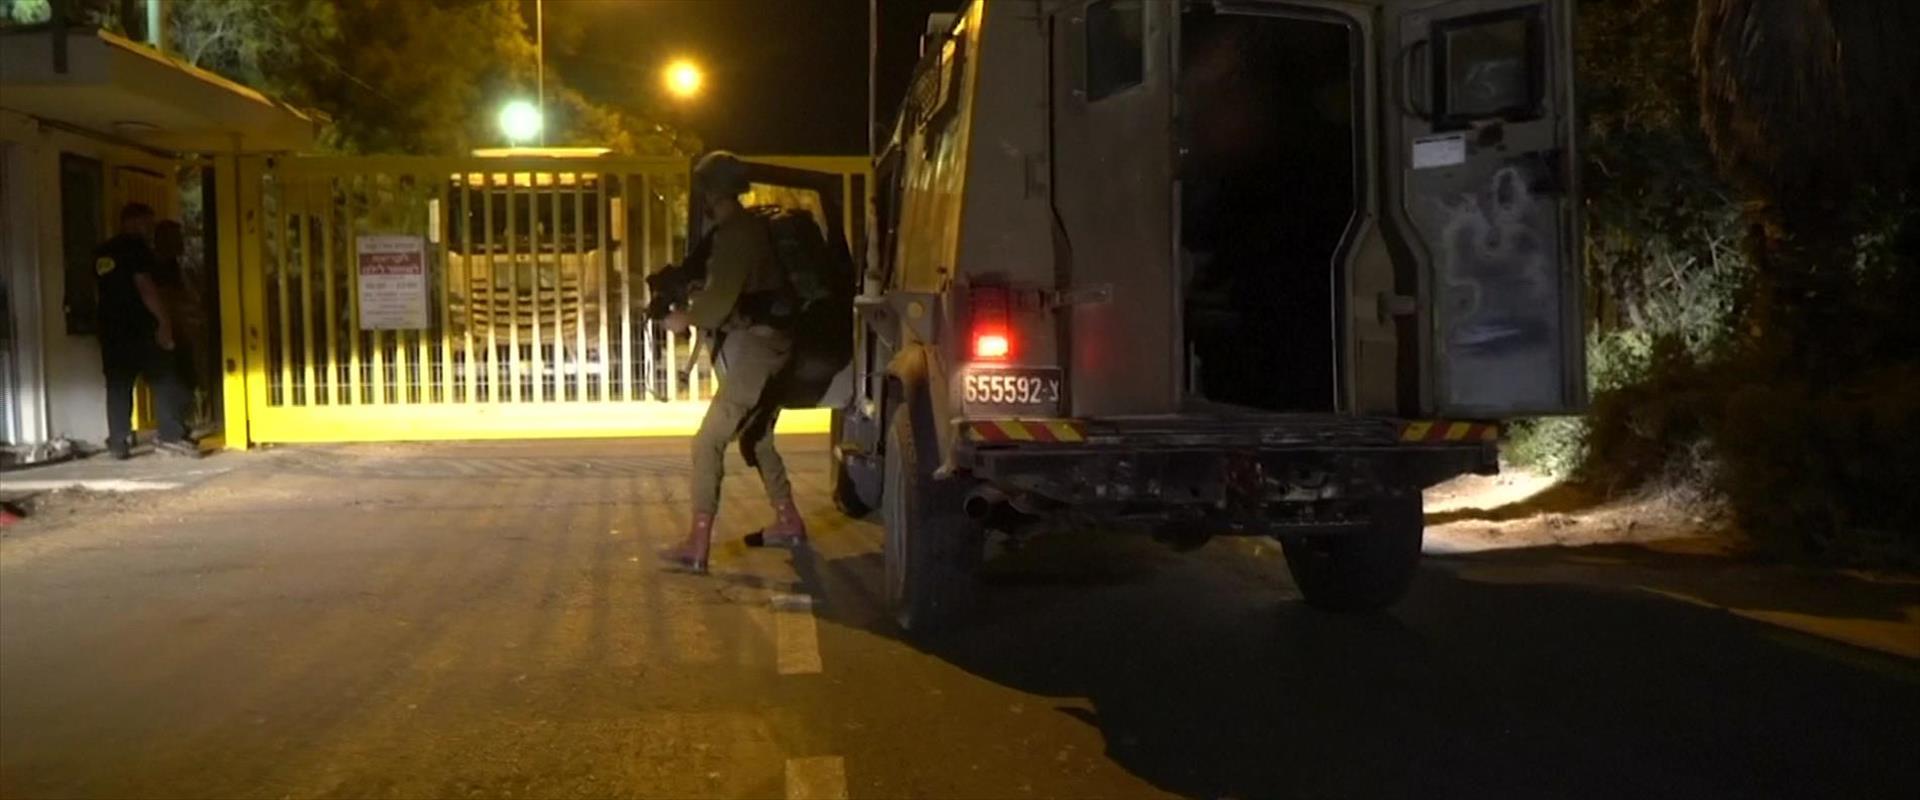 סמוך לזירת הירי הלילה בגבול הרצועה